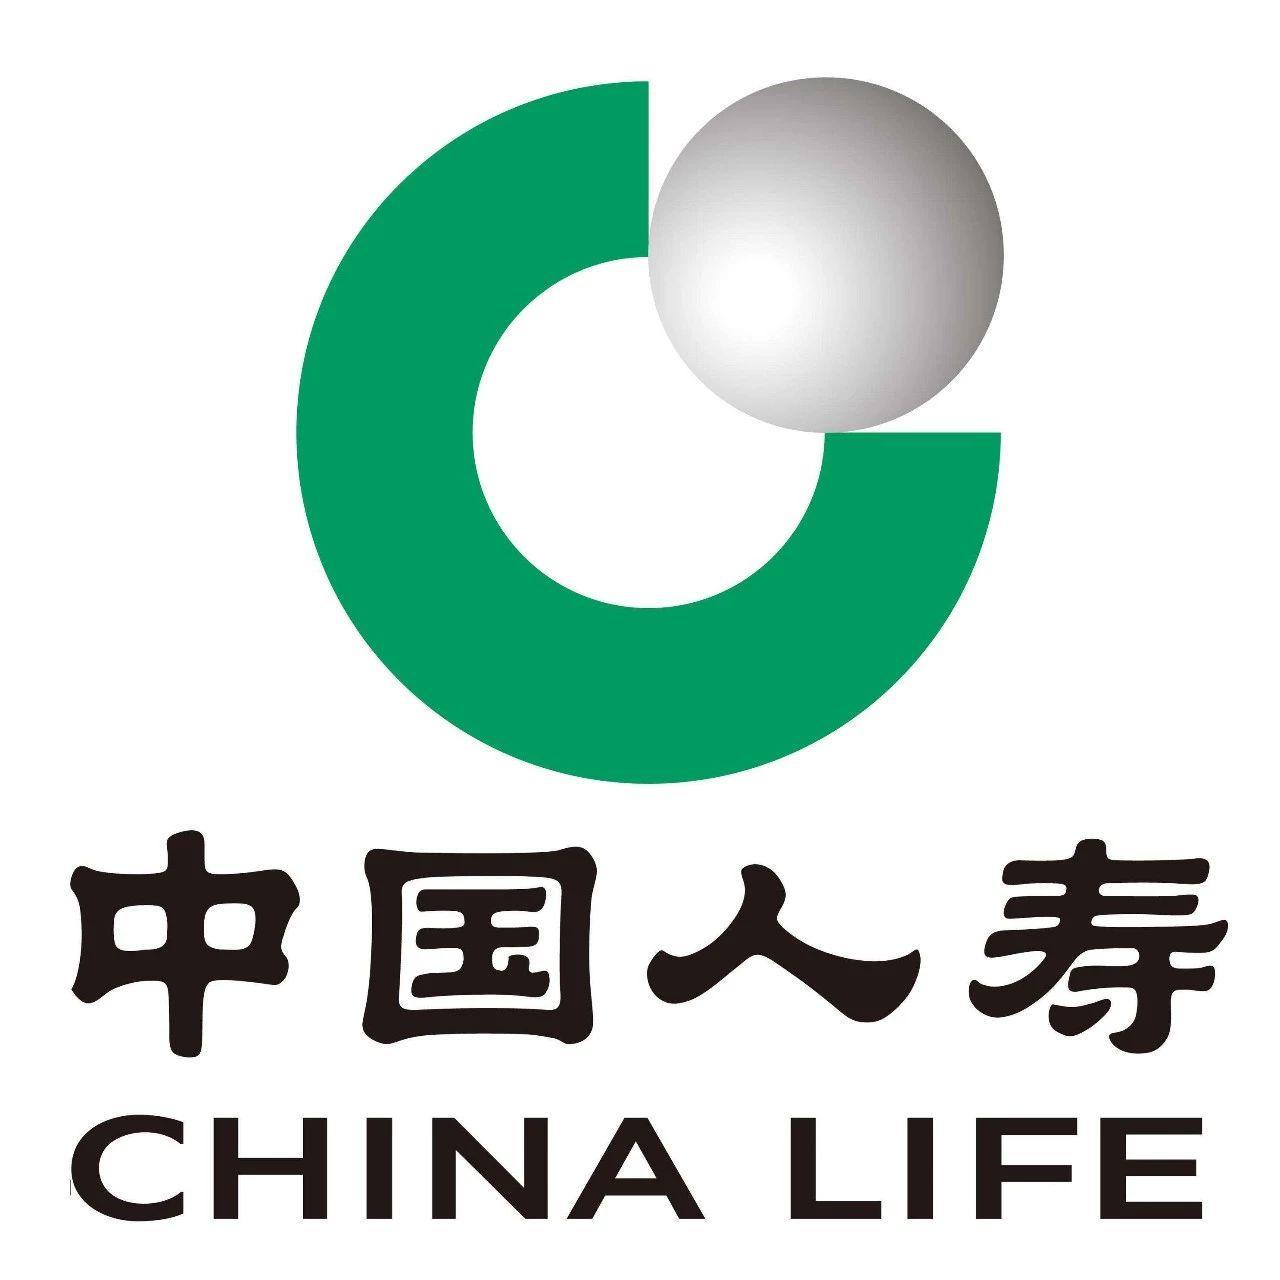 【申万宏源金融】中国人寿1H19业绩点评:队伍质态优化带动NBV量价双升